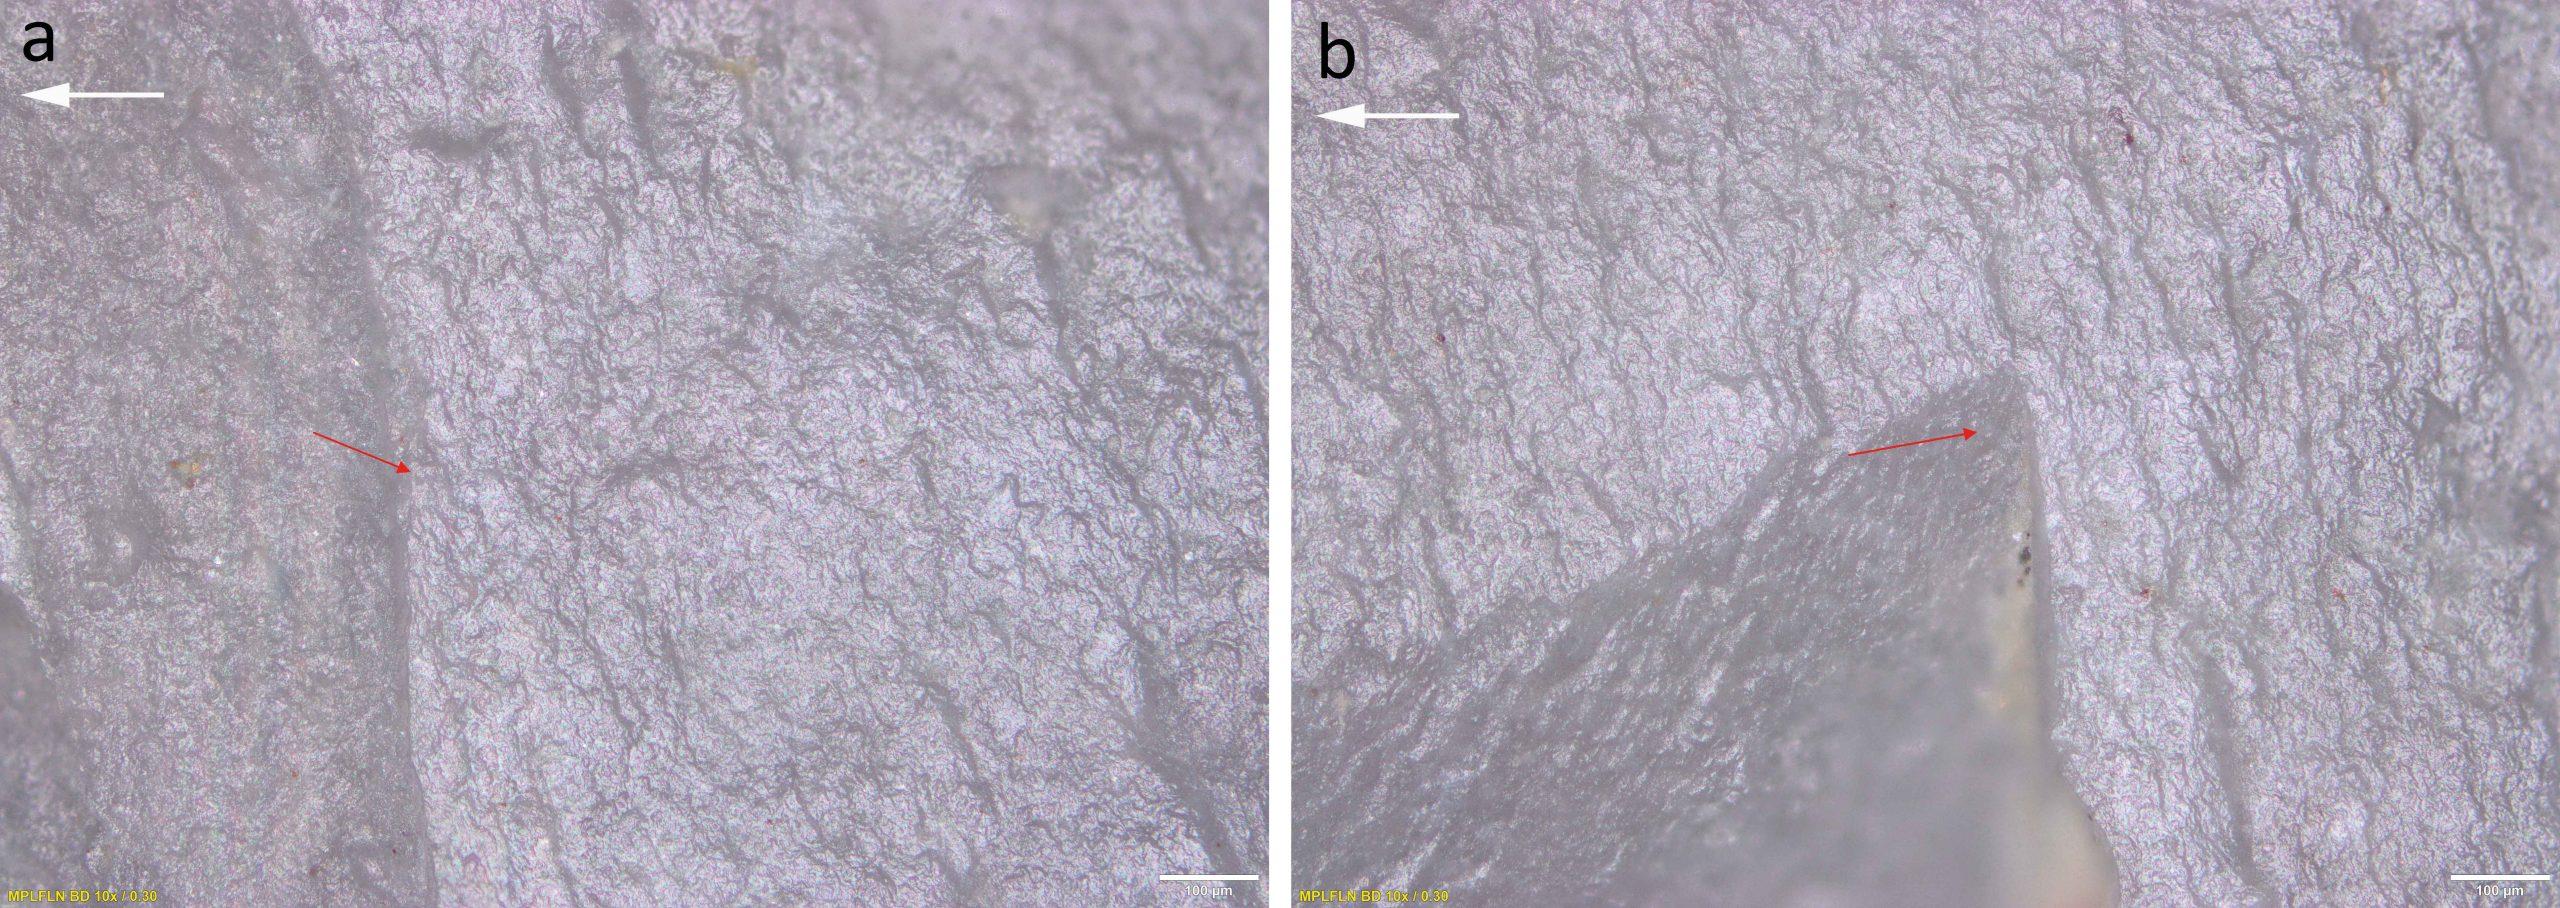 Mikroskopische lineare Aufprallspuren (MLITs) vom Aufprall